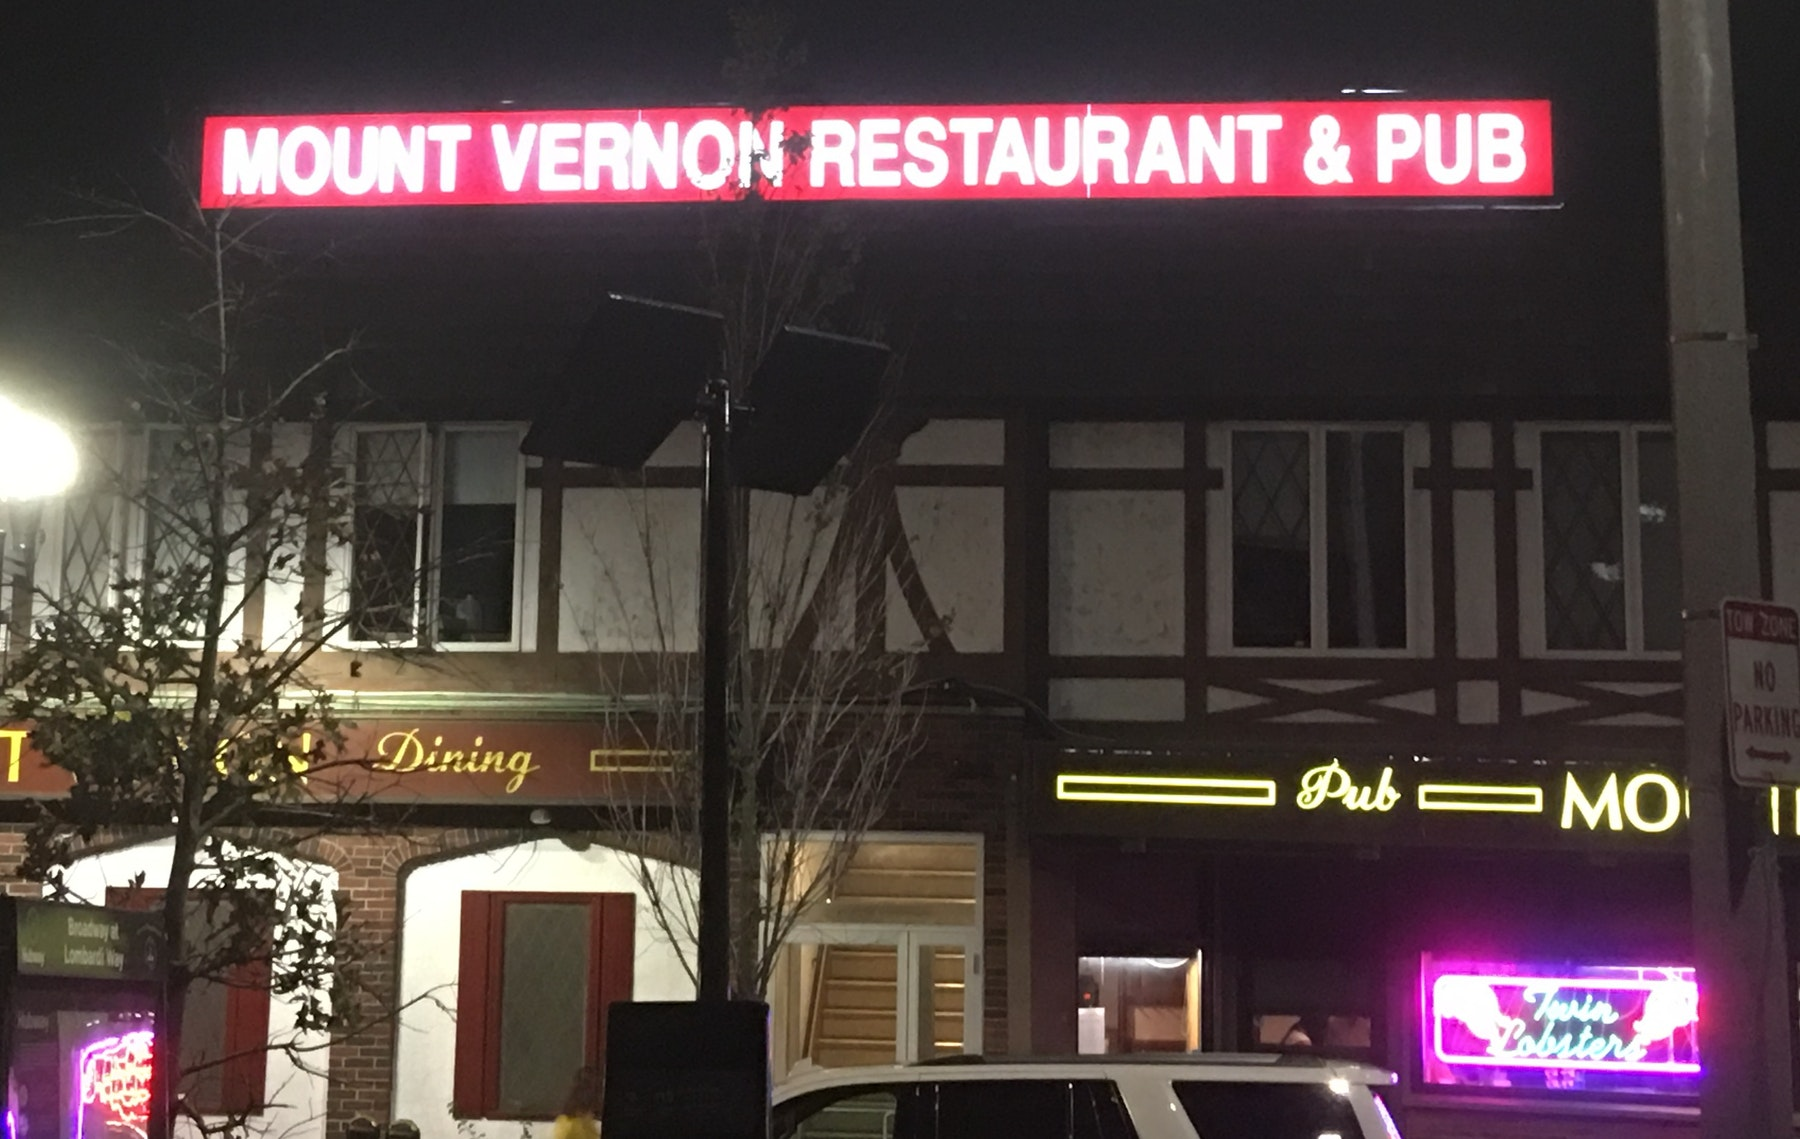 Mount Vernon Restaurant Pub